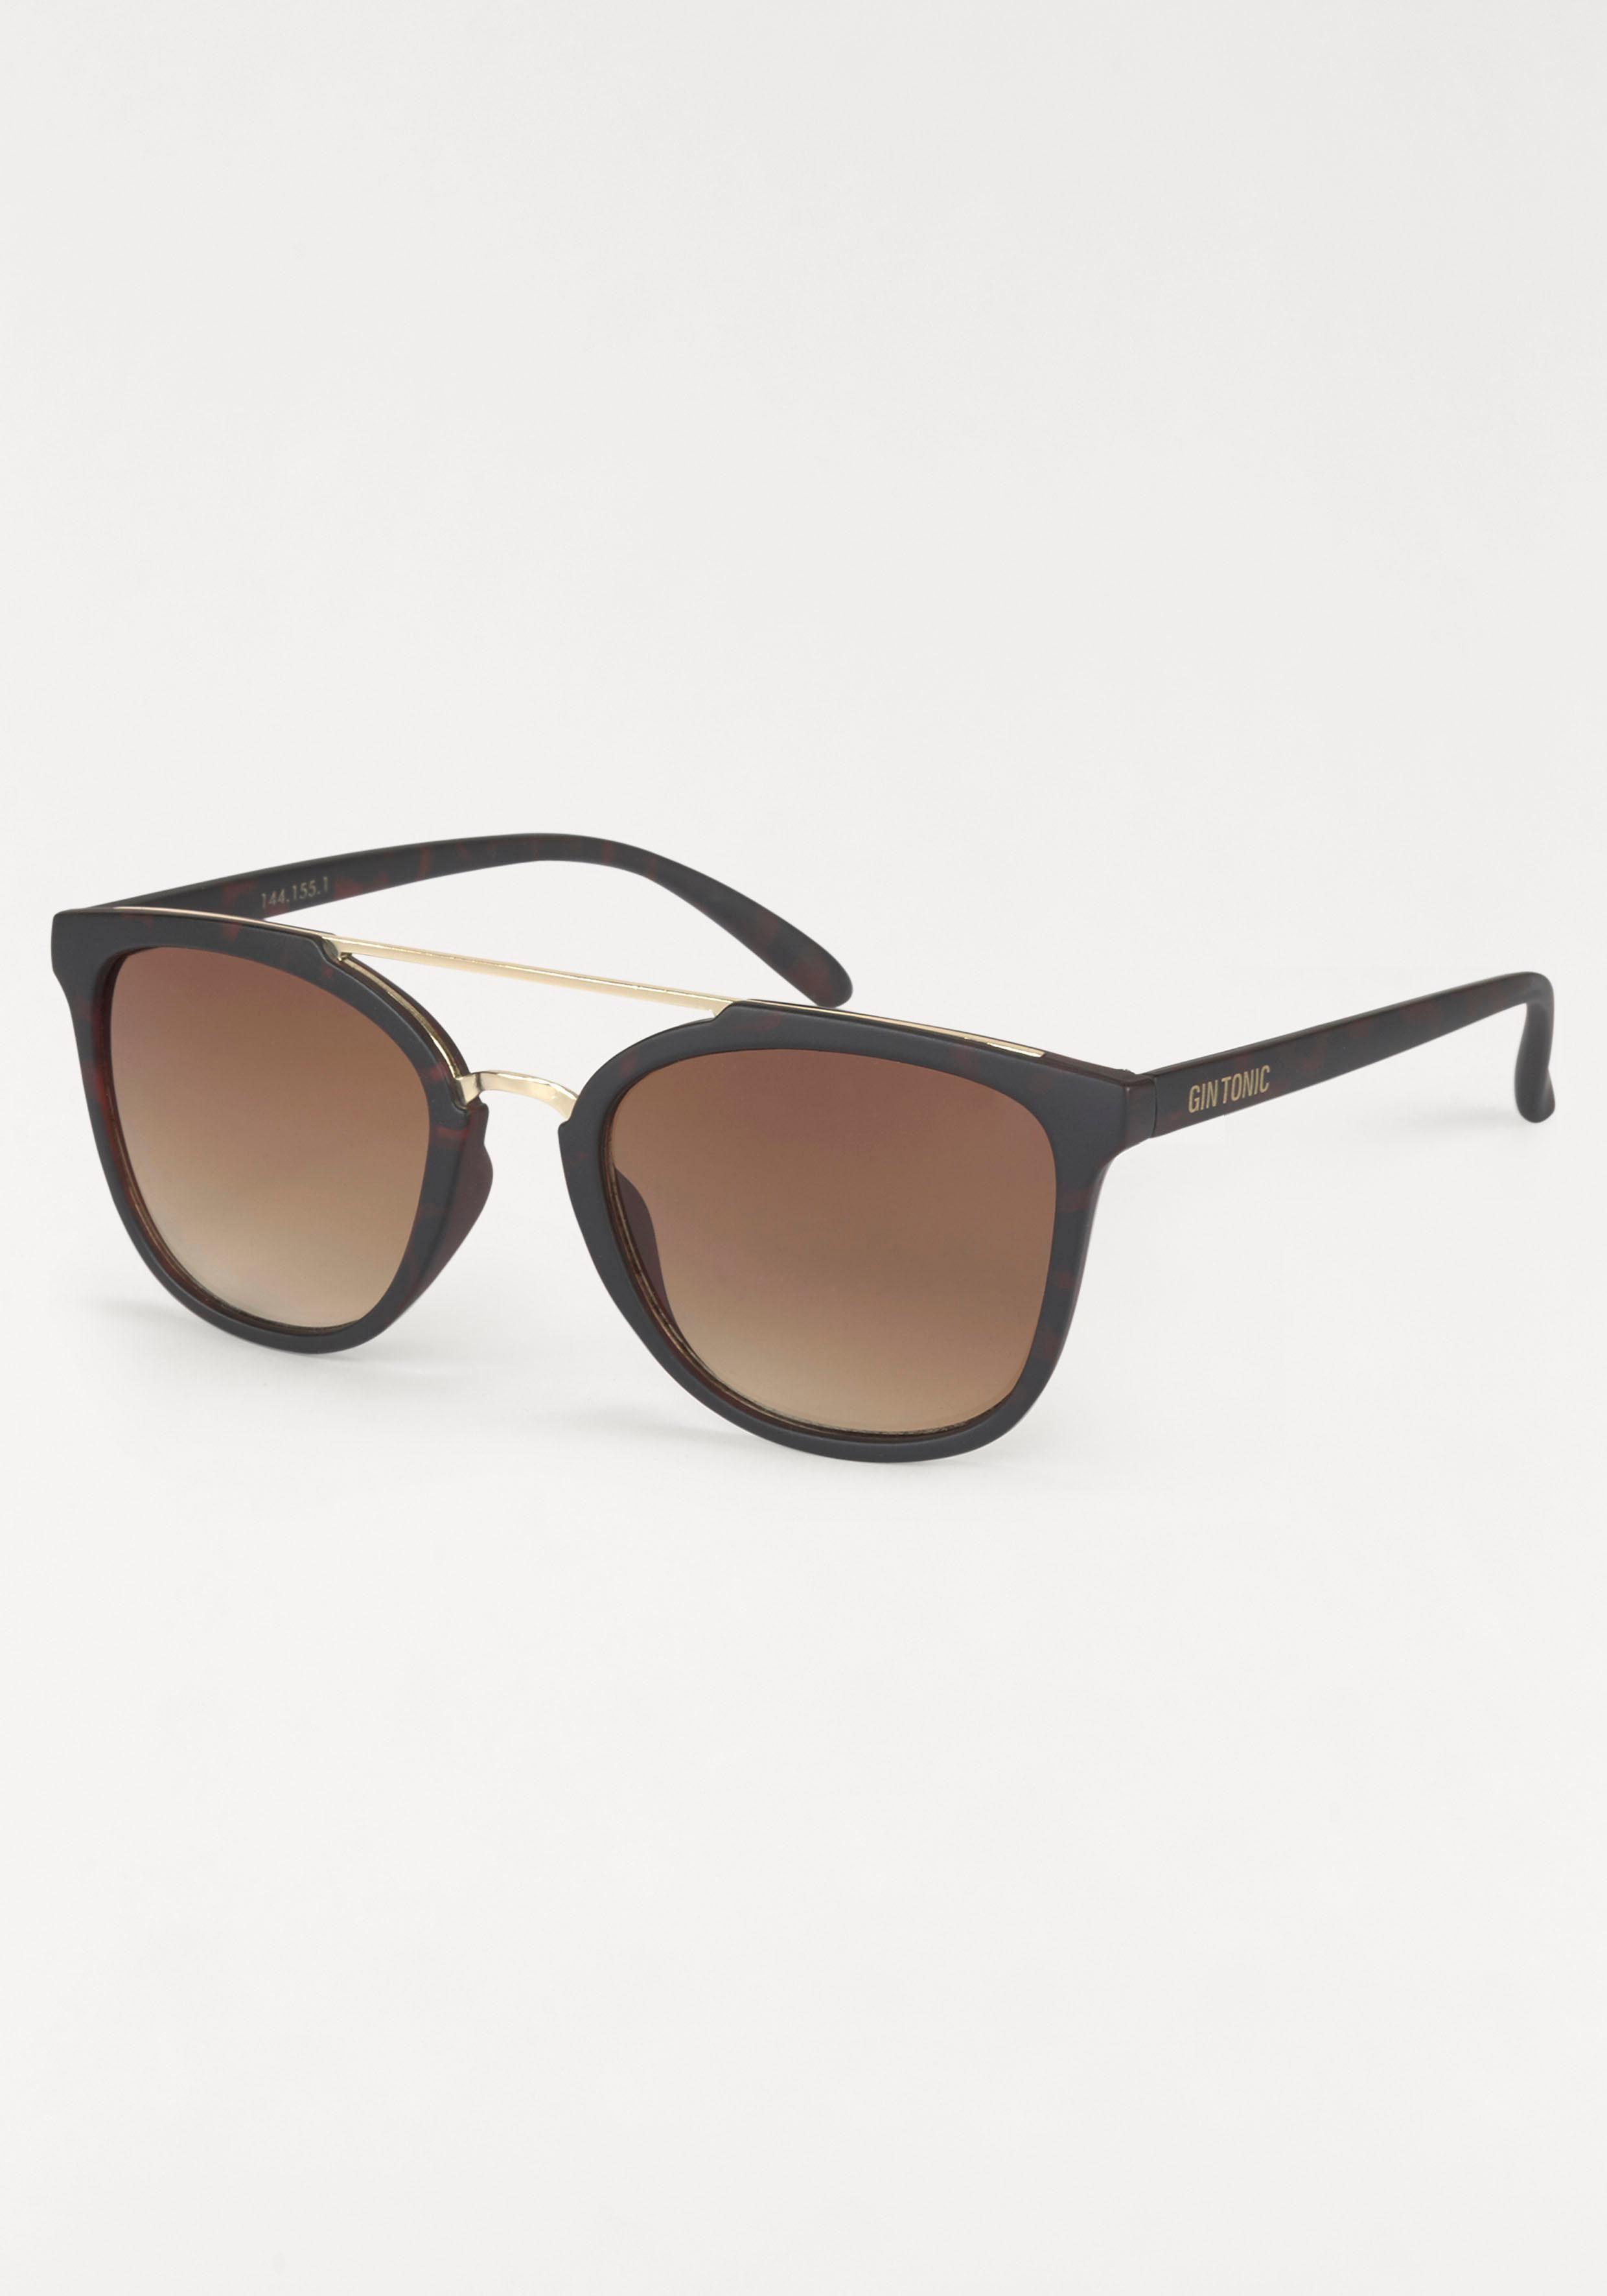 Gin Tonic Sonnenbrille leicht und komfortabel